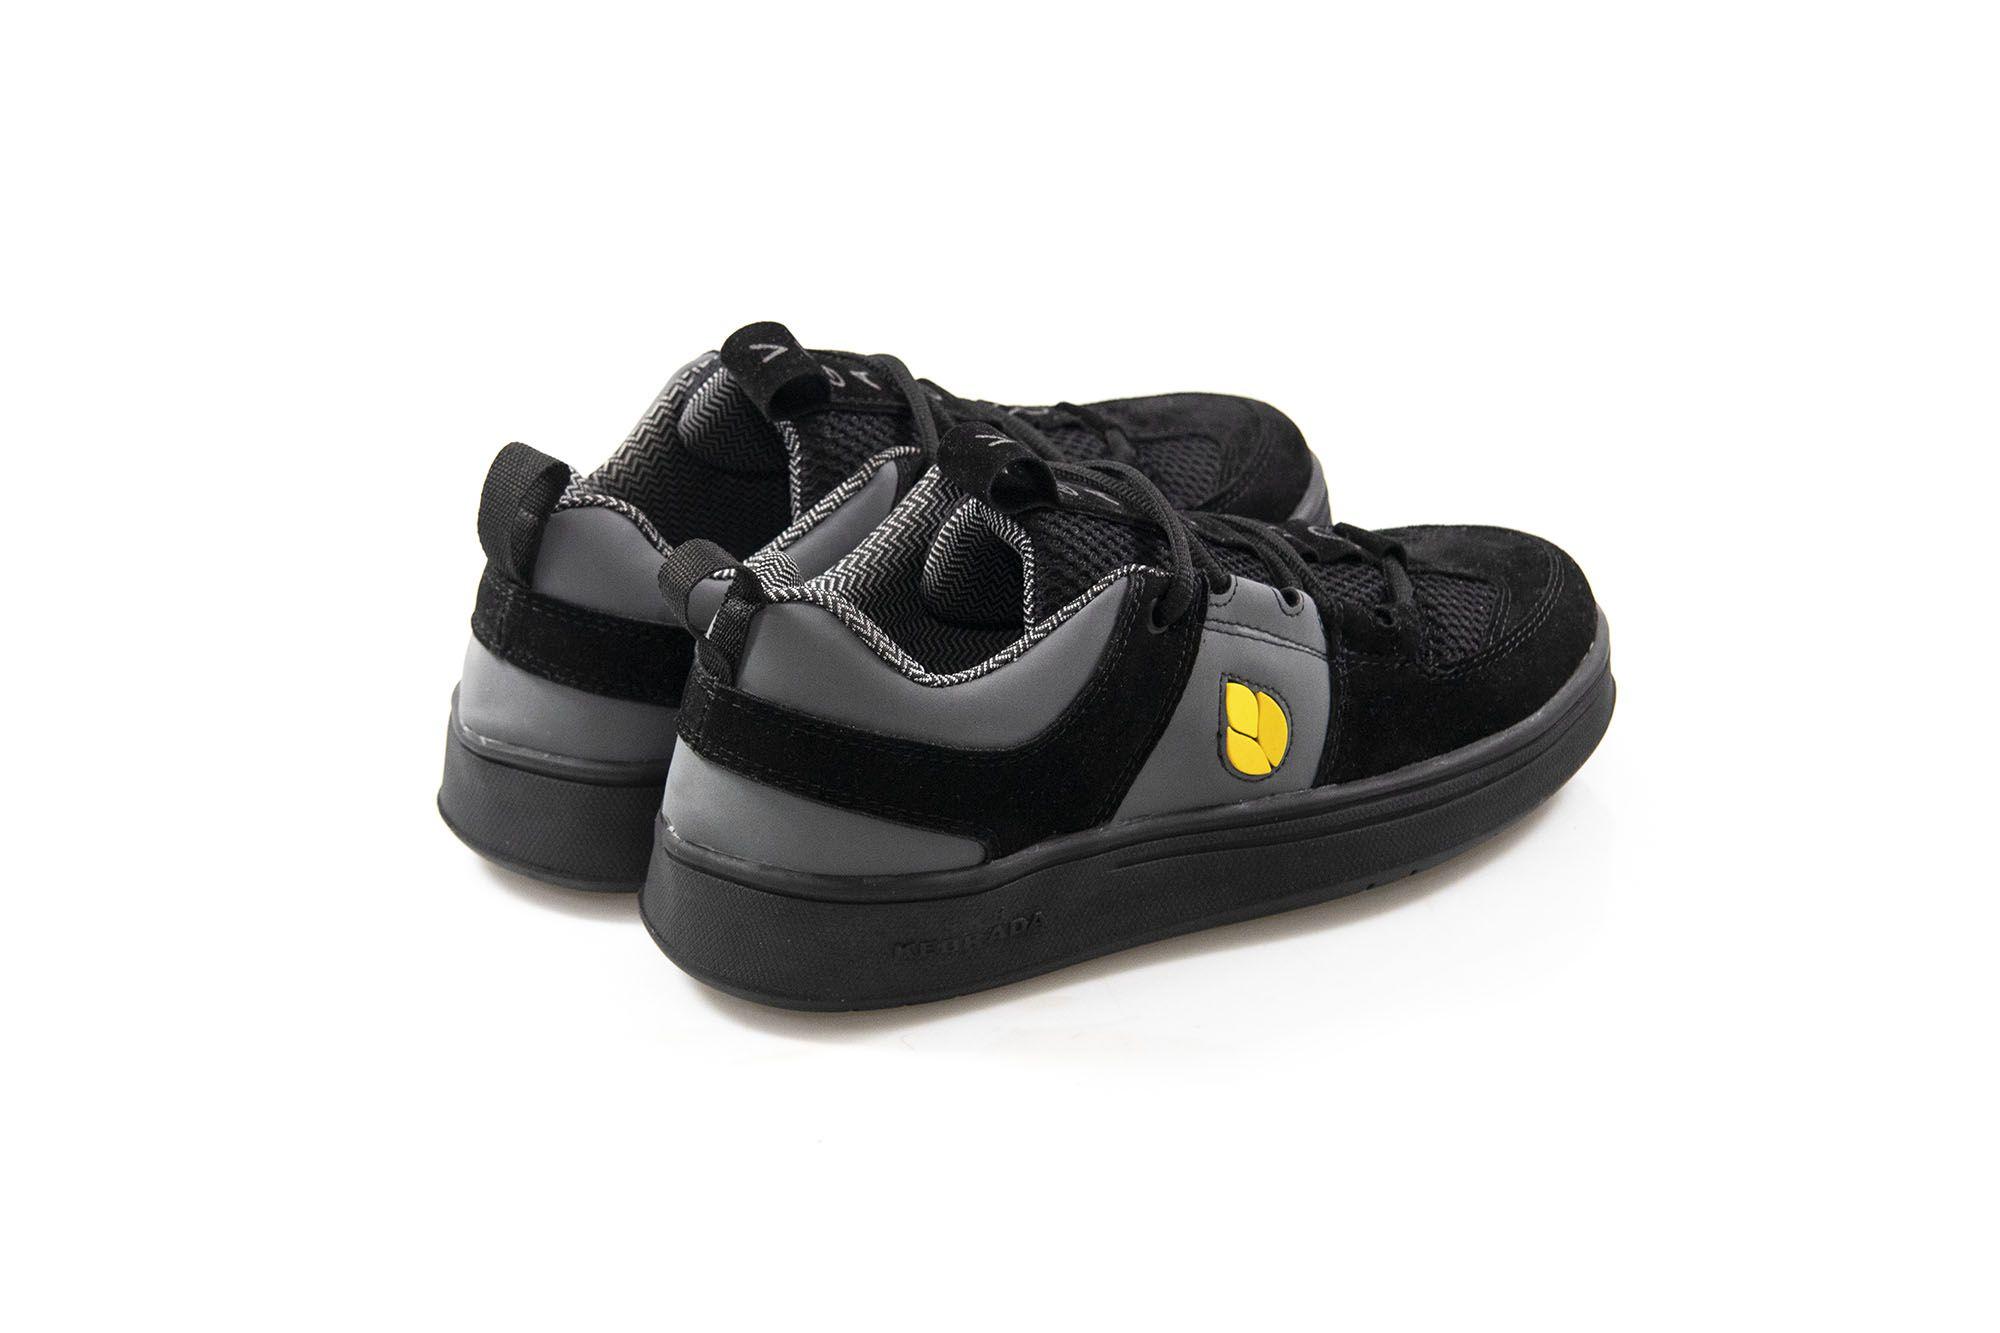 Tênis Vegano Shoes SK8 Kebrada - Preto/Cinza com Amarelo